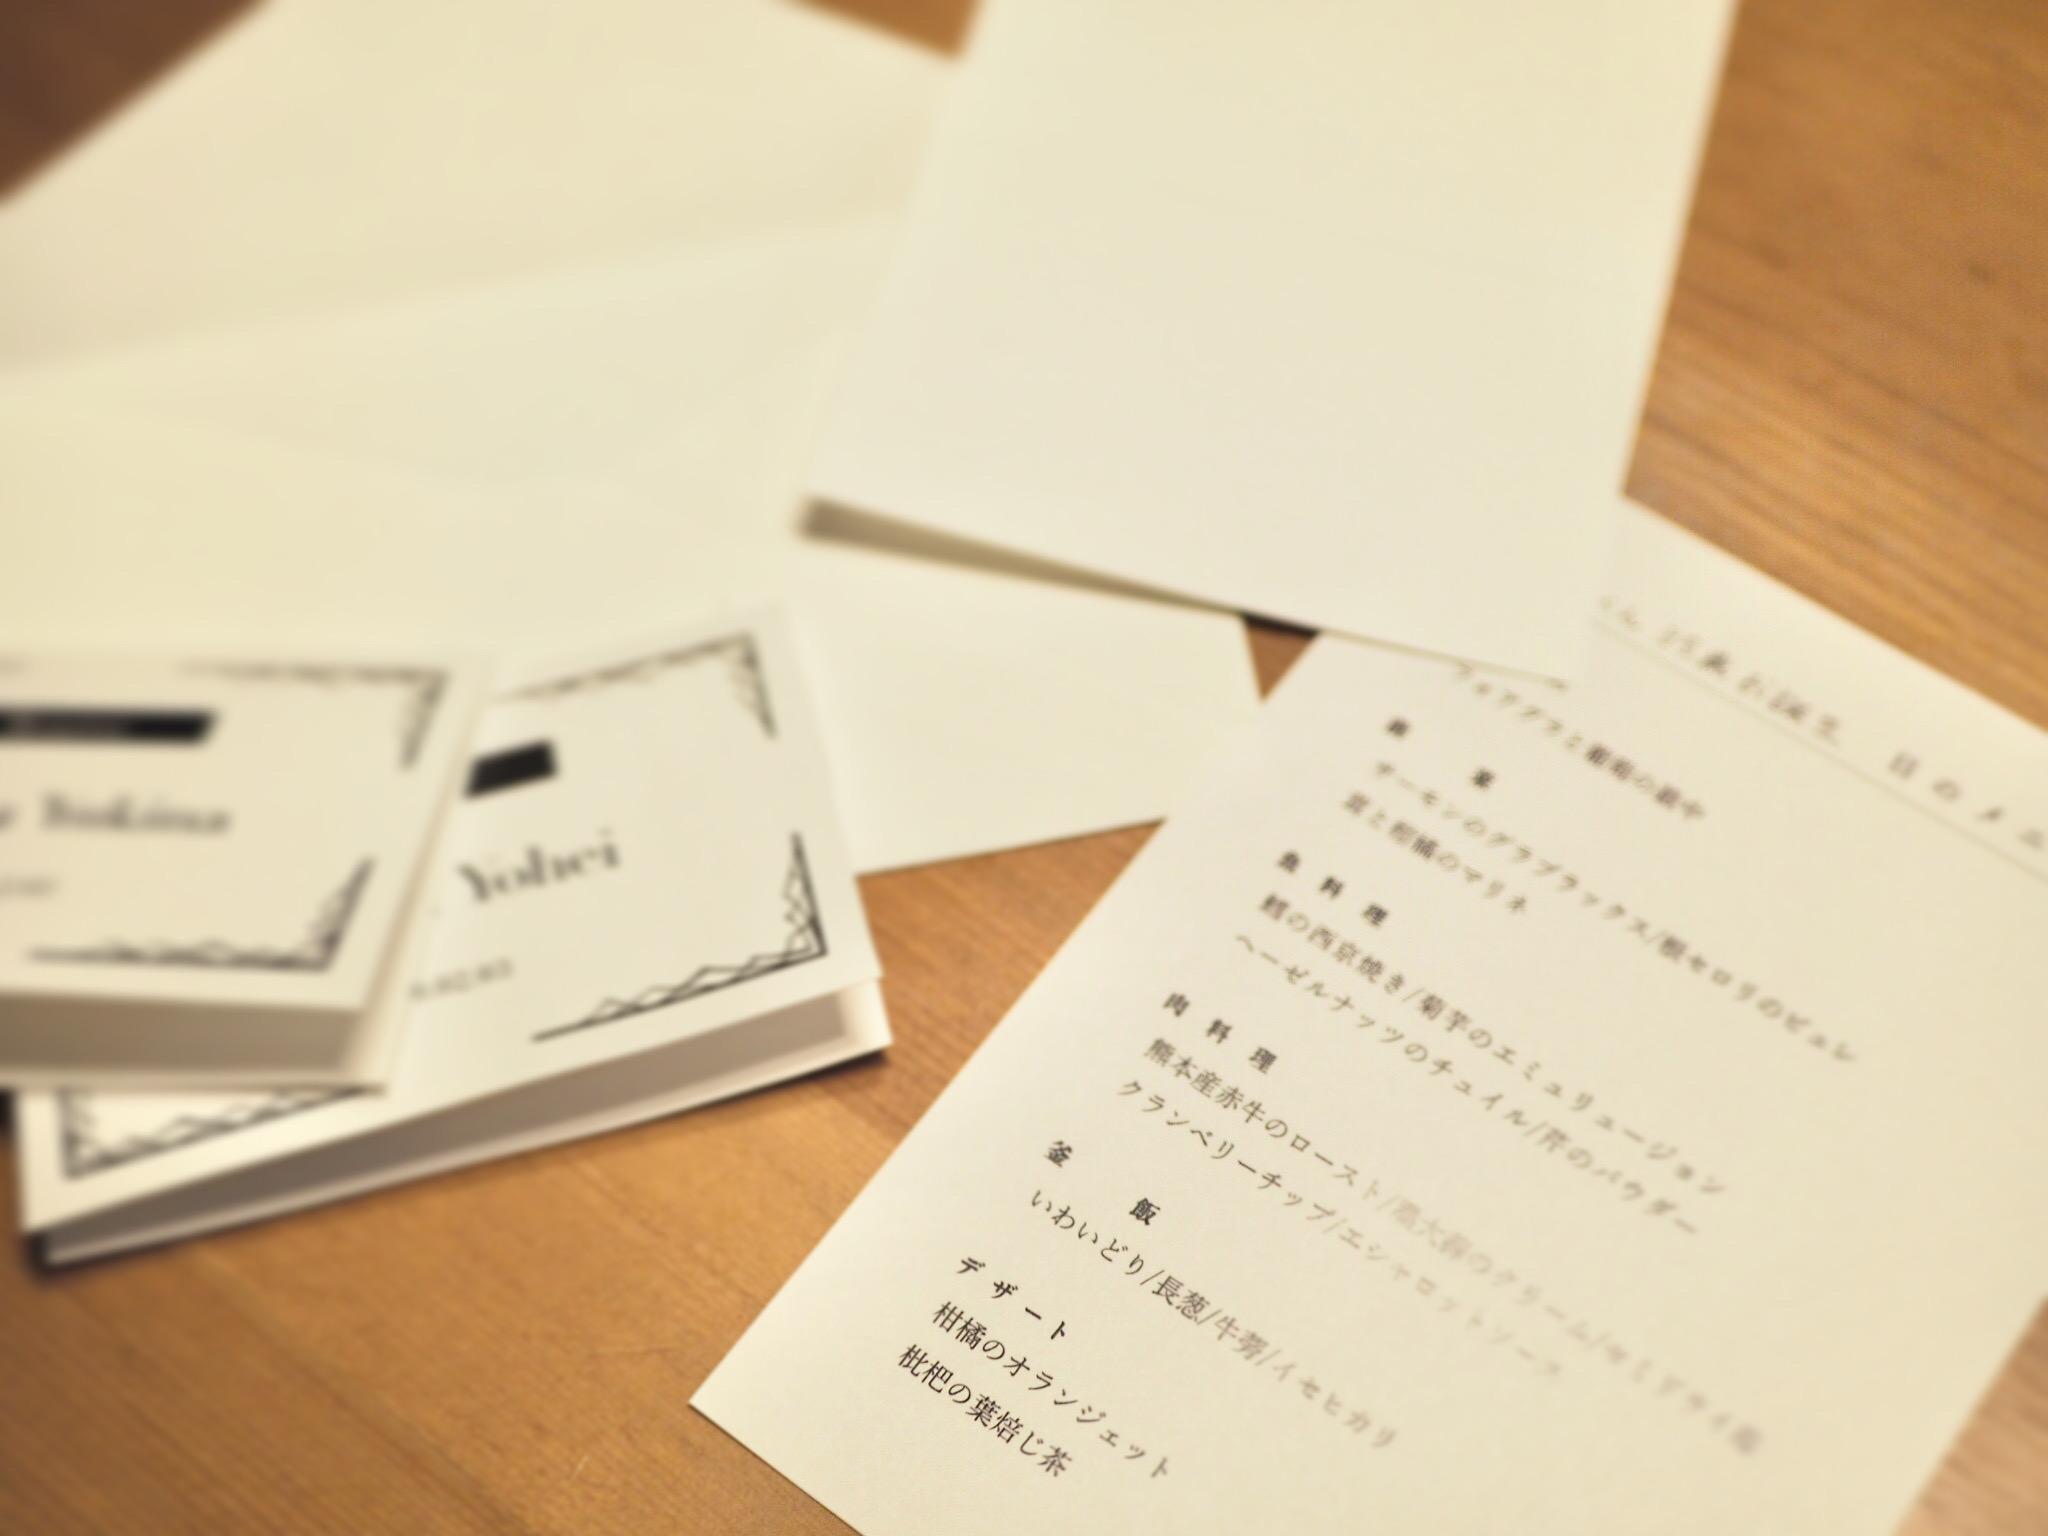 【#IWAIのお祝いご飯便】記念日におうちで本格コース料理!今だからこそのお祝いの時間♡_12